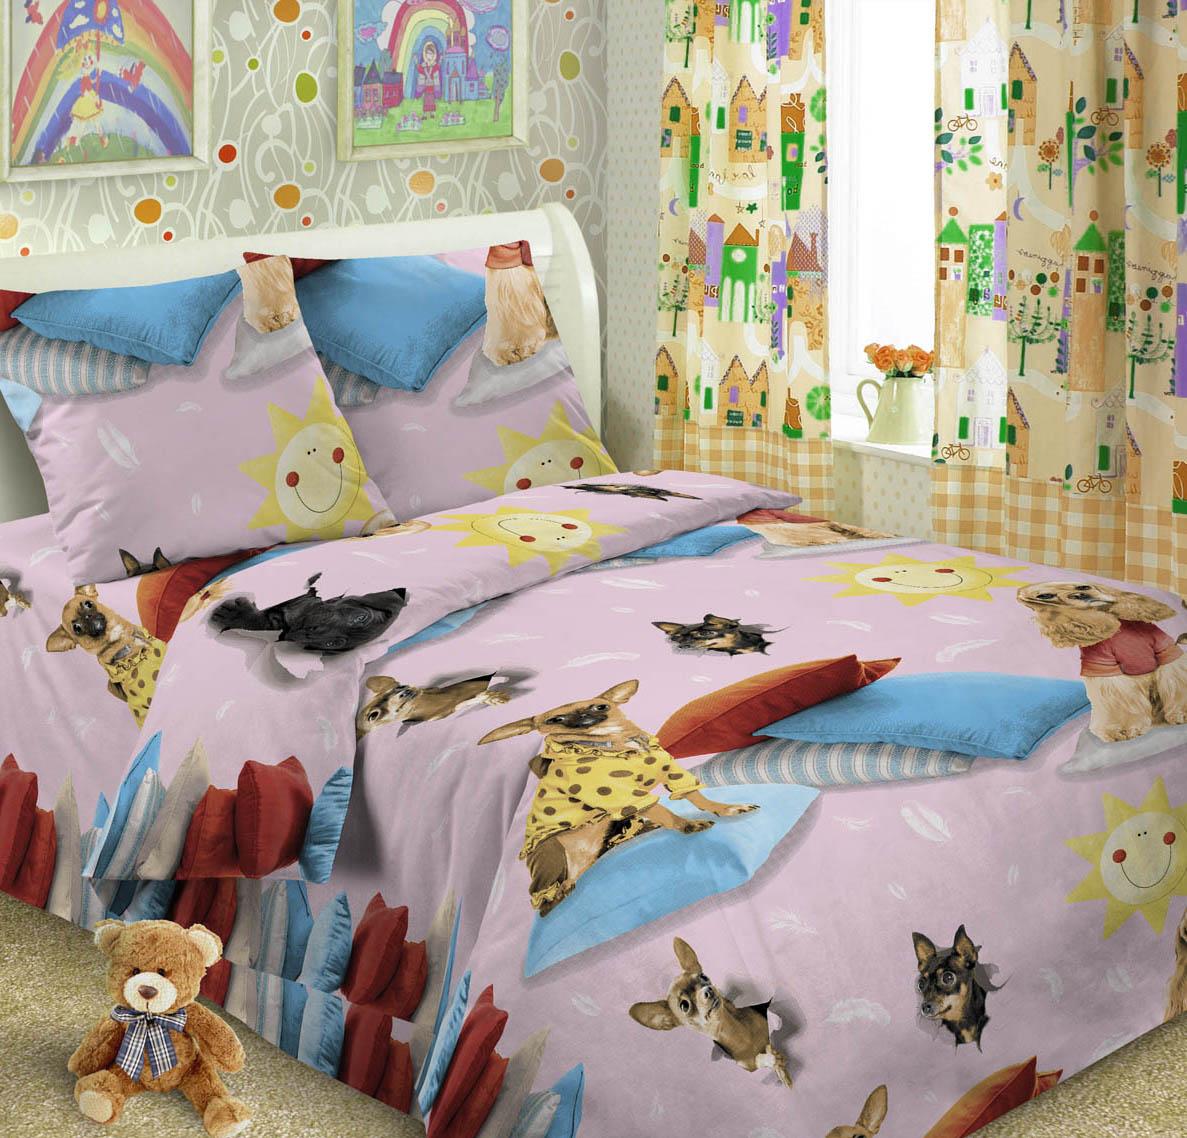 Letto Комплект детского постельного белья Догги цвет розовый